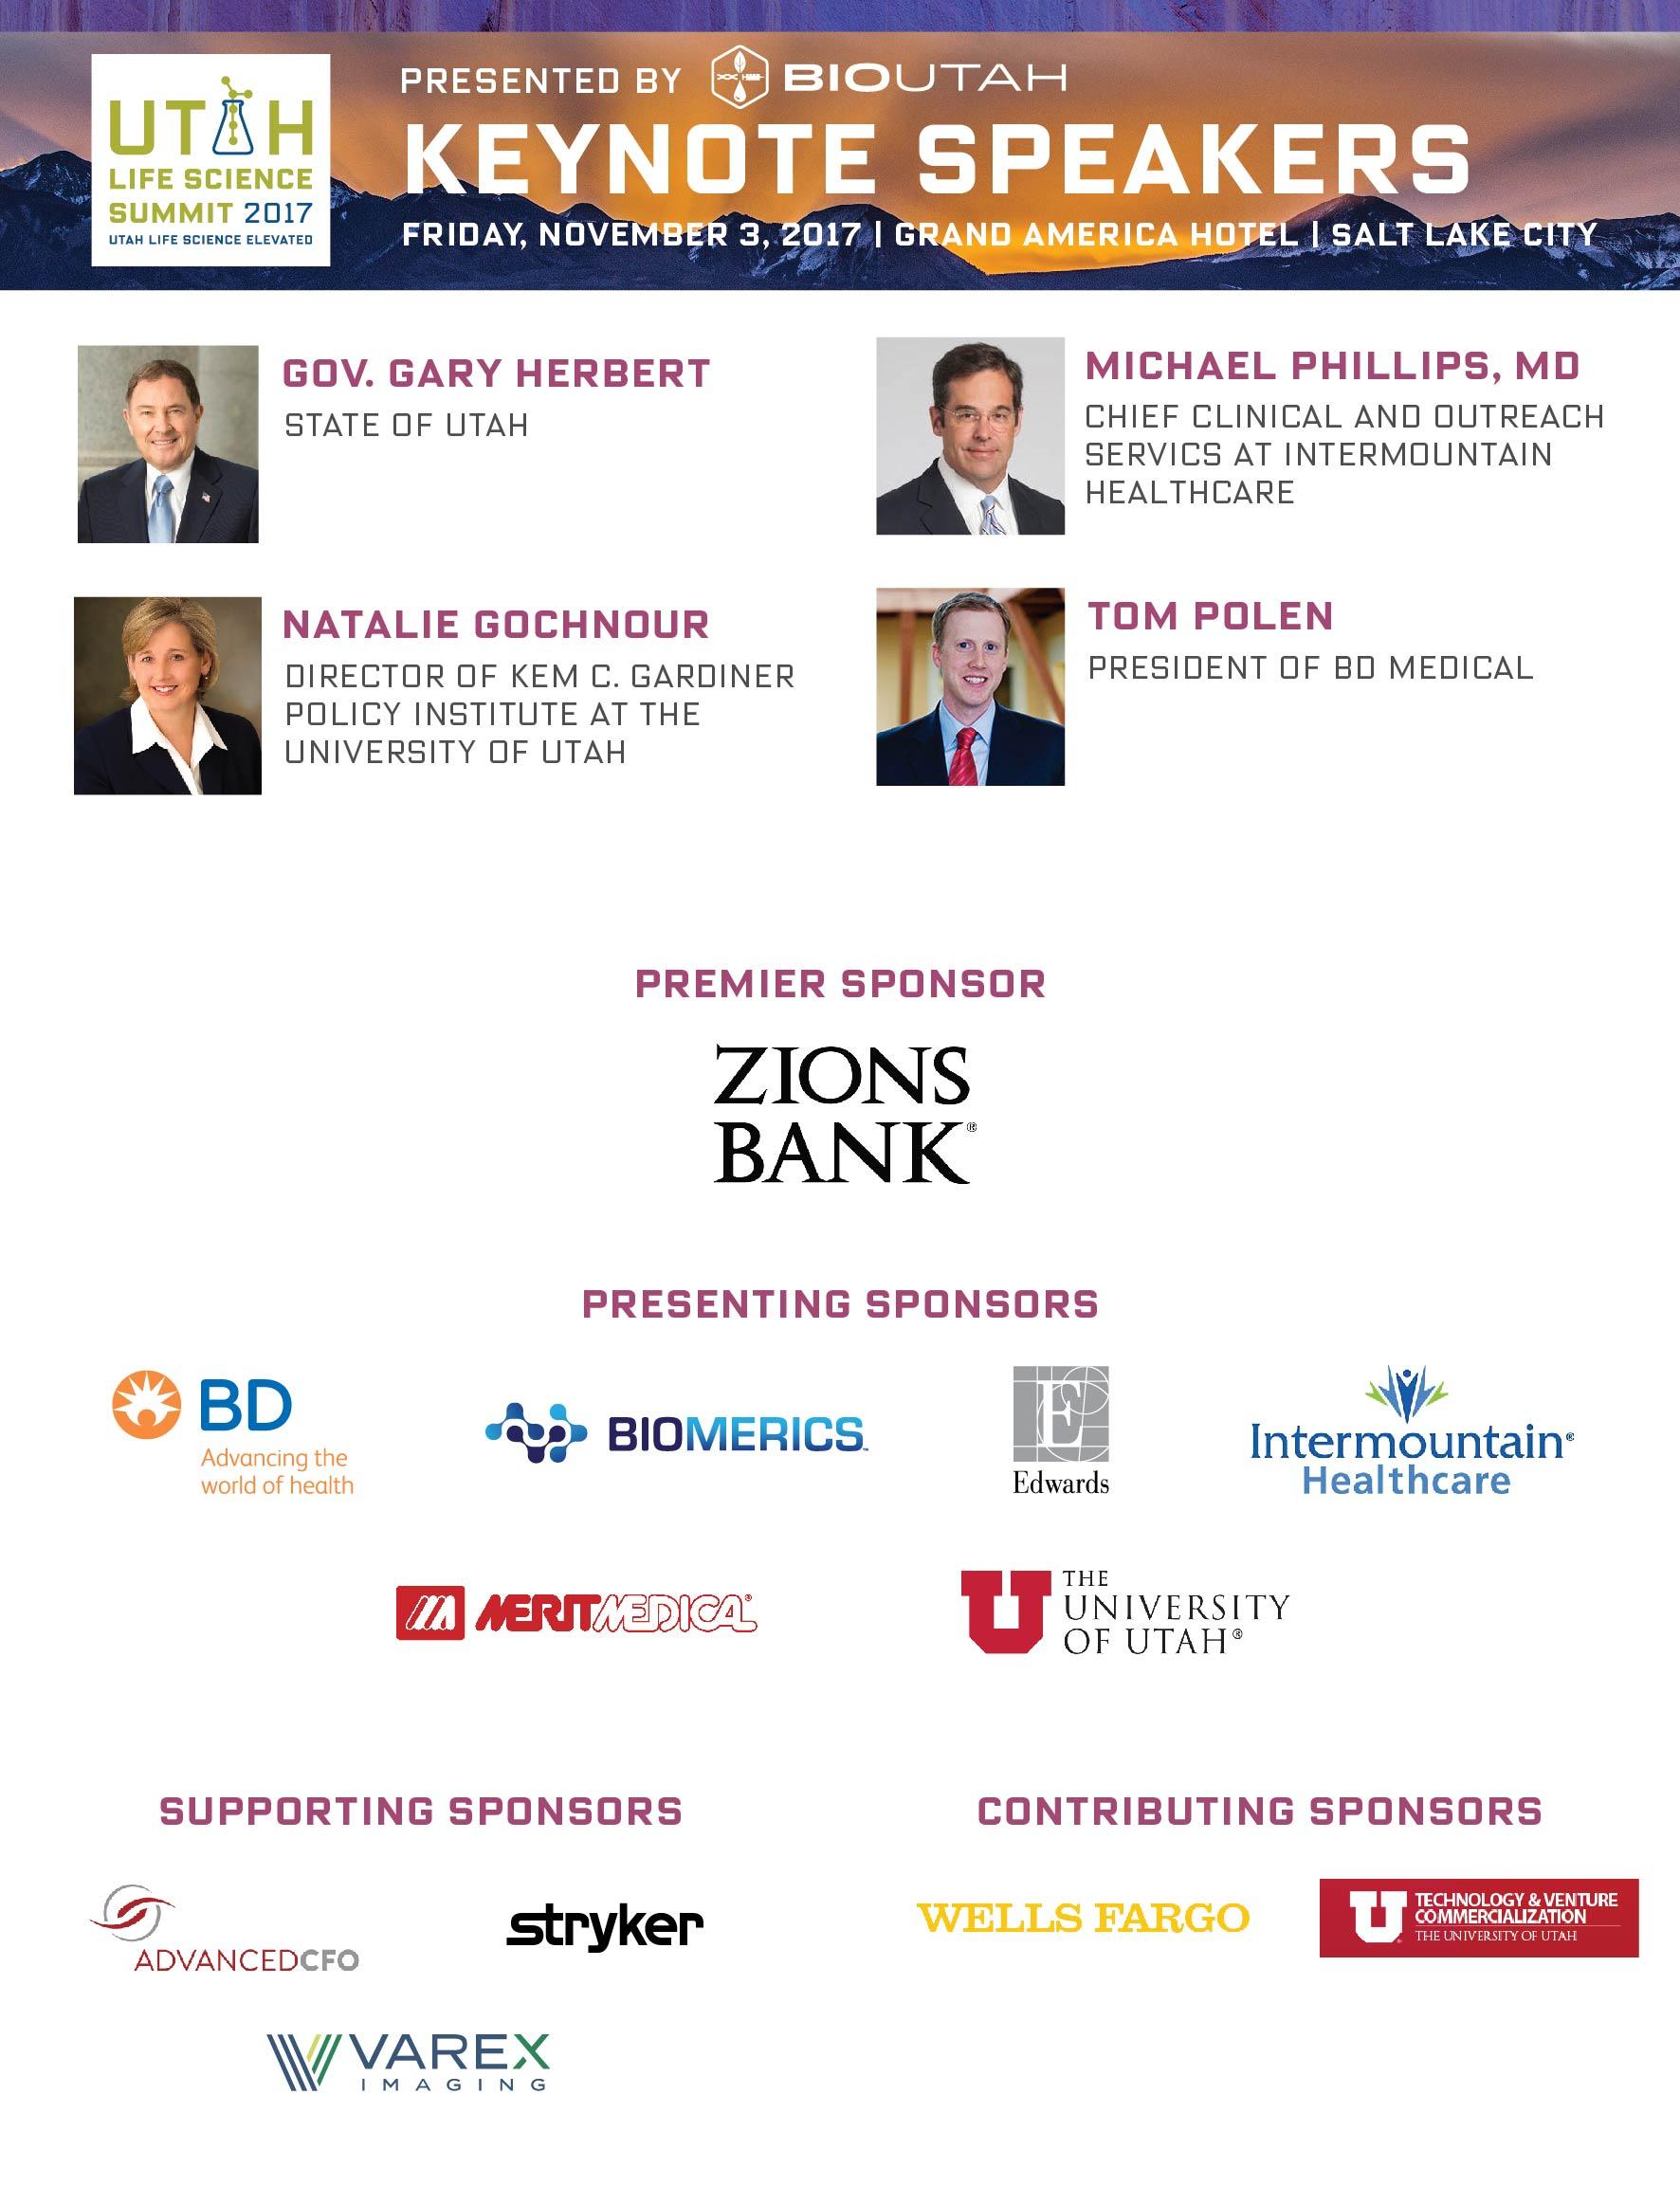 Utah Life Sciences Summit Keynote Speakers and Sponsors